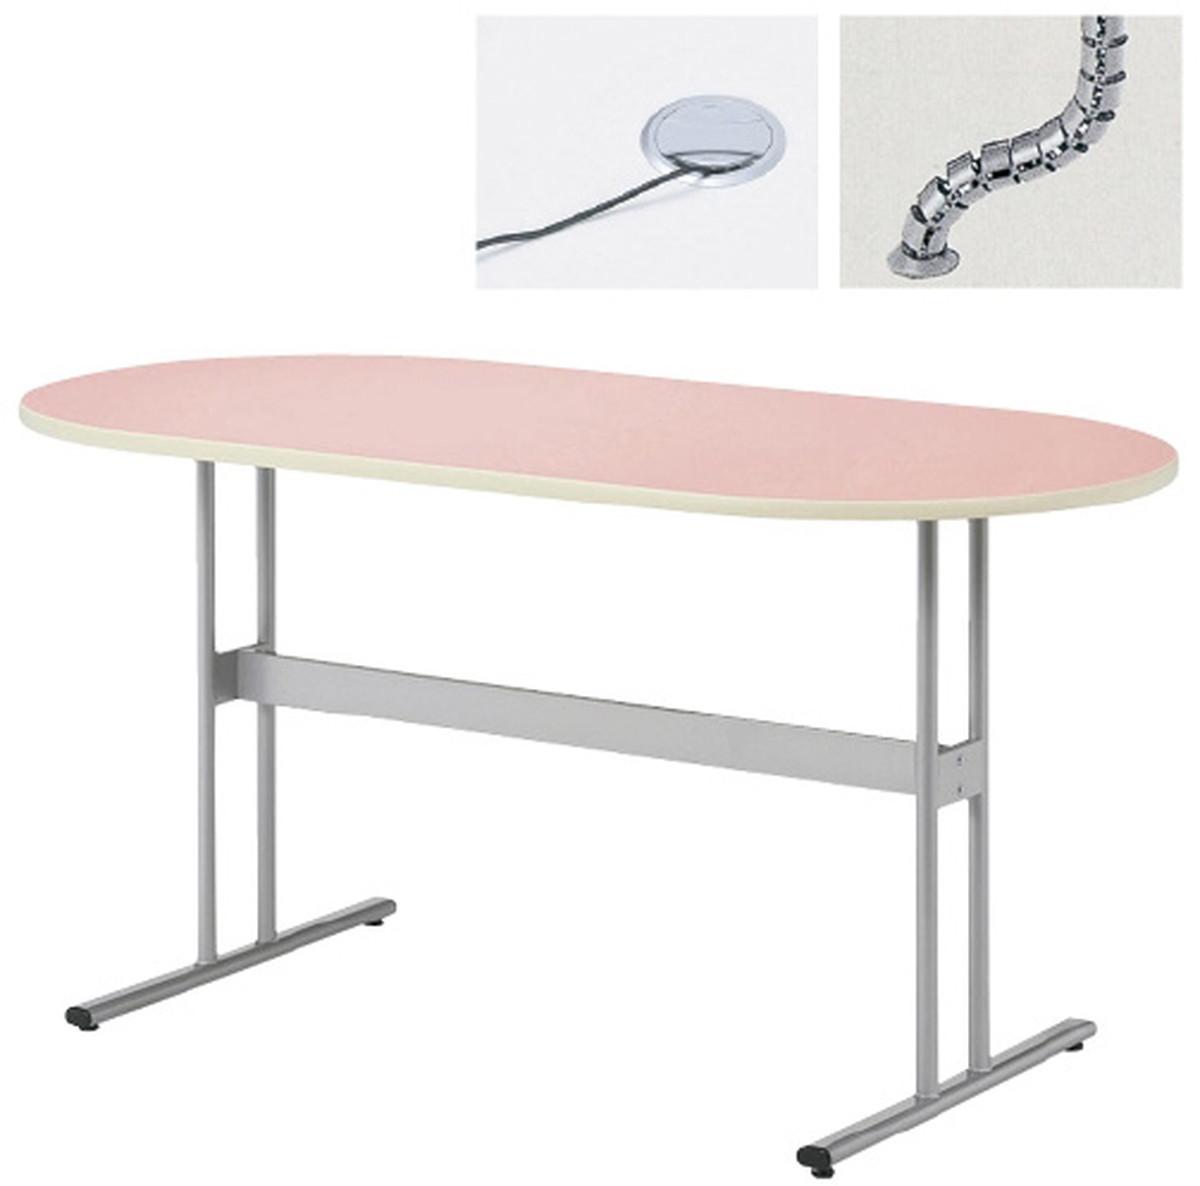 【送料無料】-ナーステーブル(楕円型) NAT-1890R(180X90X90) 品番 my23-6202-0102 1入り-【MY医科器機】